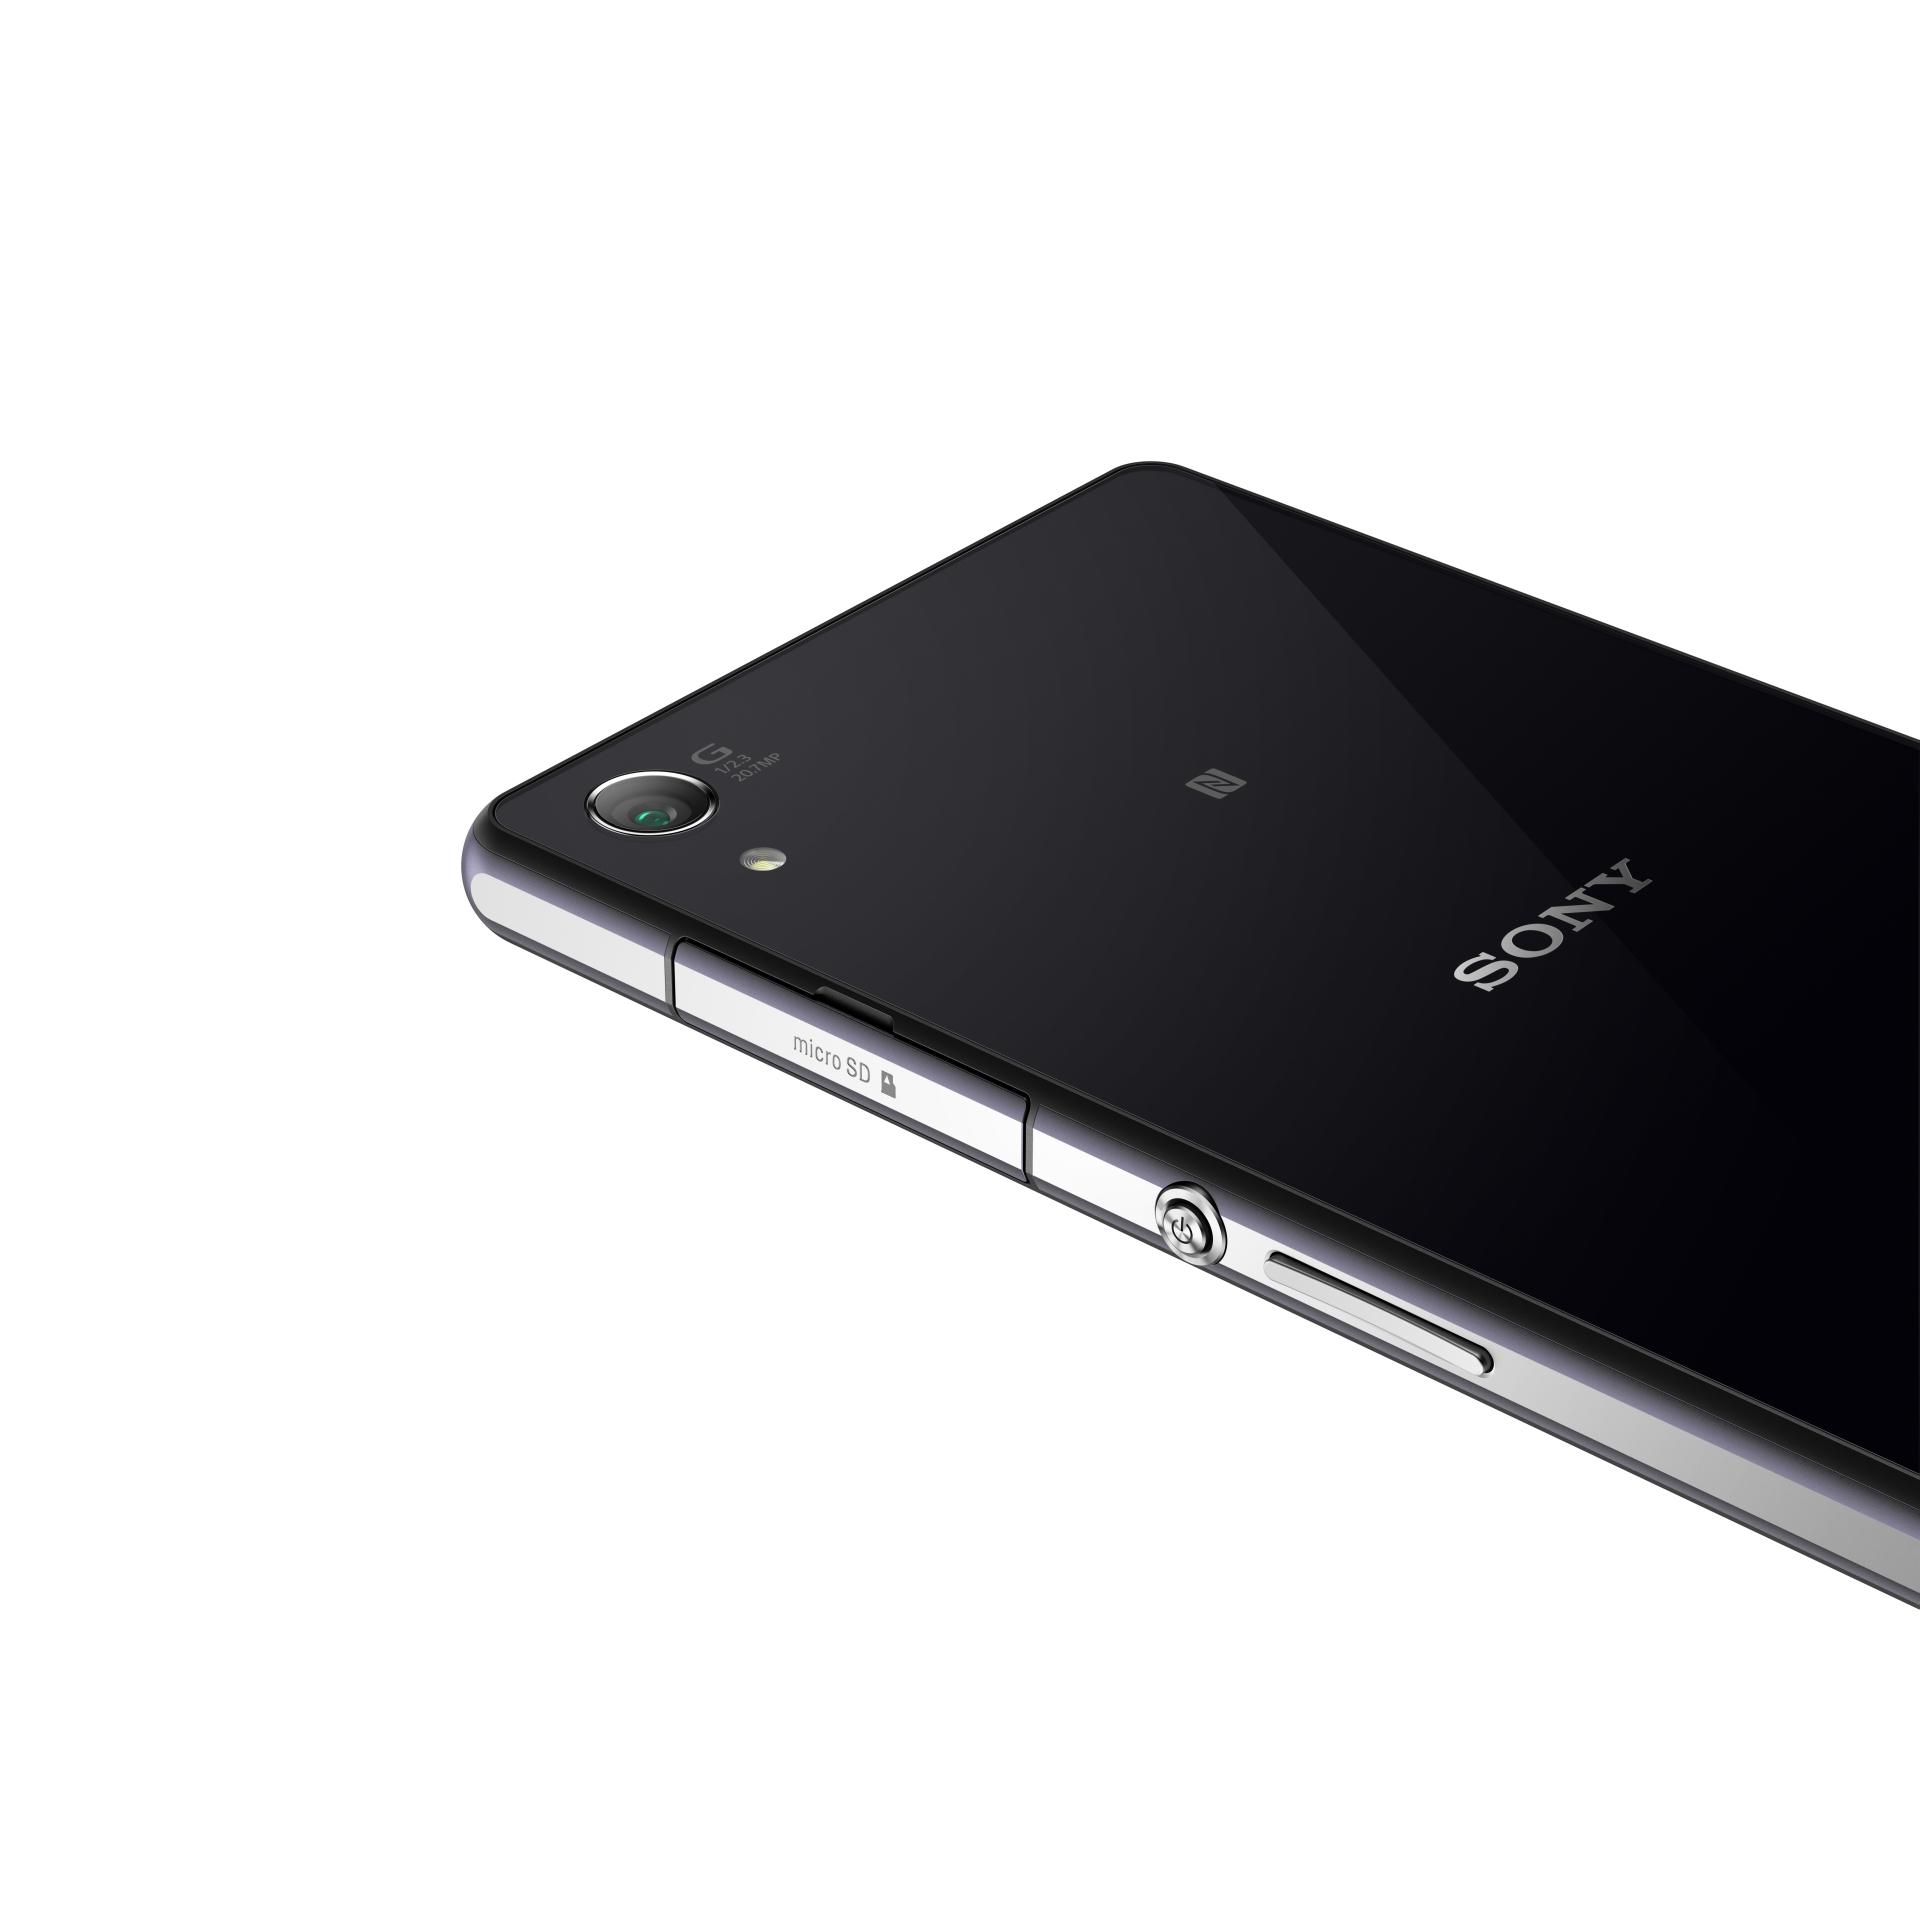 Hands on Sony Xperia Z2: Neuer, schneller Prozessor und 4K-Videofunktion -